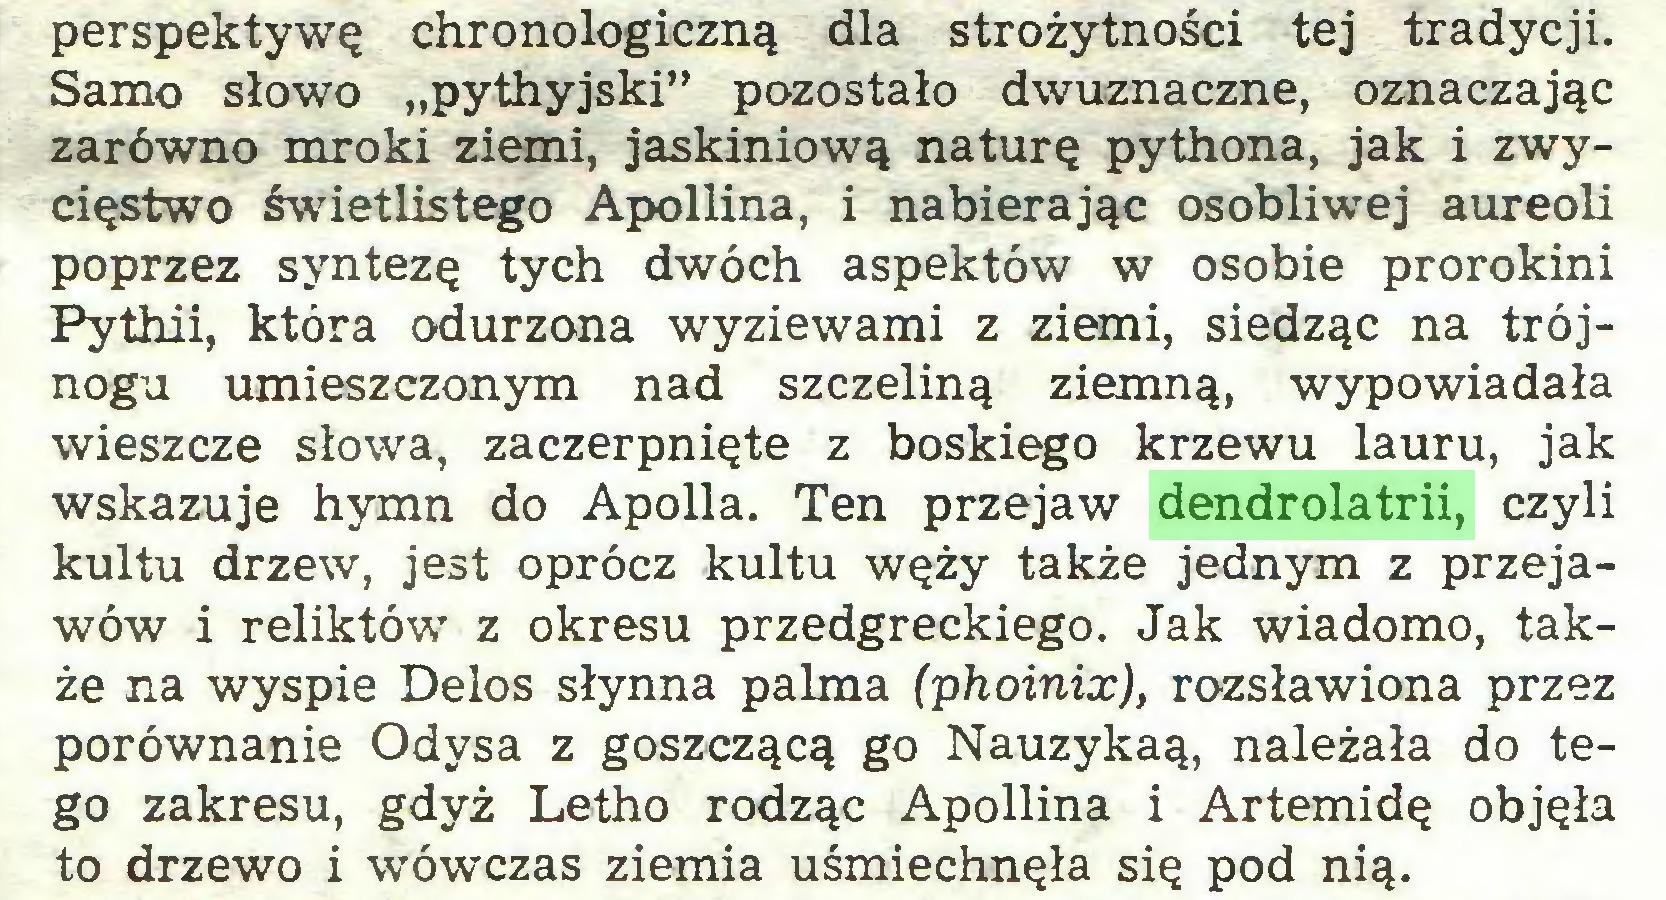 """(...) perspektywę chronologiczną dla strożytności tej tradycji. Samo słowo """"pythyjski"""" pozostało dwuznaczne, oznaczając zarówno mroki ziemi, jaskiniową naturę pythona, jak i zwycięstwo świetlistego Apollina, i nabierając osobliwej aureoli poprzez syntezę tych dwóch aspektów w osobie prorokini Pythii, która odurzona wyziewami z ziemi, siedząc na trójnogu umieszczonym nad szczeliną ziemną, wypowiadała wieszcze słowa, zaczerpnięte z boskiego krzewu lauru, jak wskazuje hymn do Apolla. Ten przejaw dendrolatrii, czyli kultu drzew, jest oprócz kultu węży także jednym z przejawów i reliktów z okresu przedgreckiego. Jak wiadomo, także na wyspie Delos słynna palma (phoinix), rozsławiona przez porównanie Odysa z goszczącą go Nauzykaą, należała do tego zakresu, gdyż Letho rodząc Apollina i Artemidę objęła to drzewo i wówczas ziemia uśmiechnęła się pod nią..."""